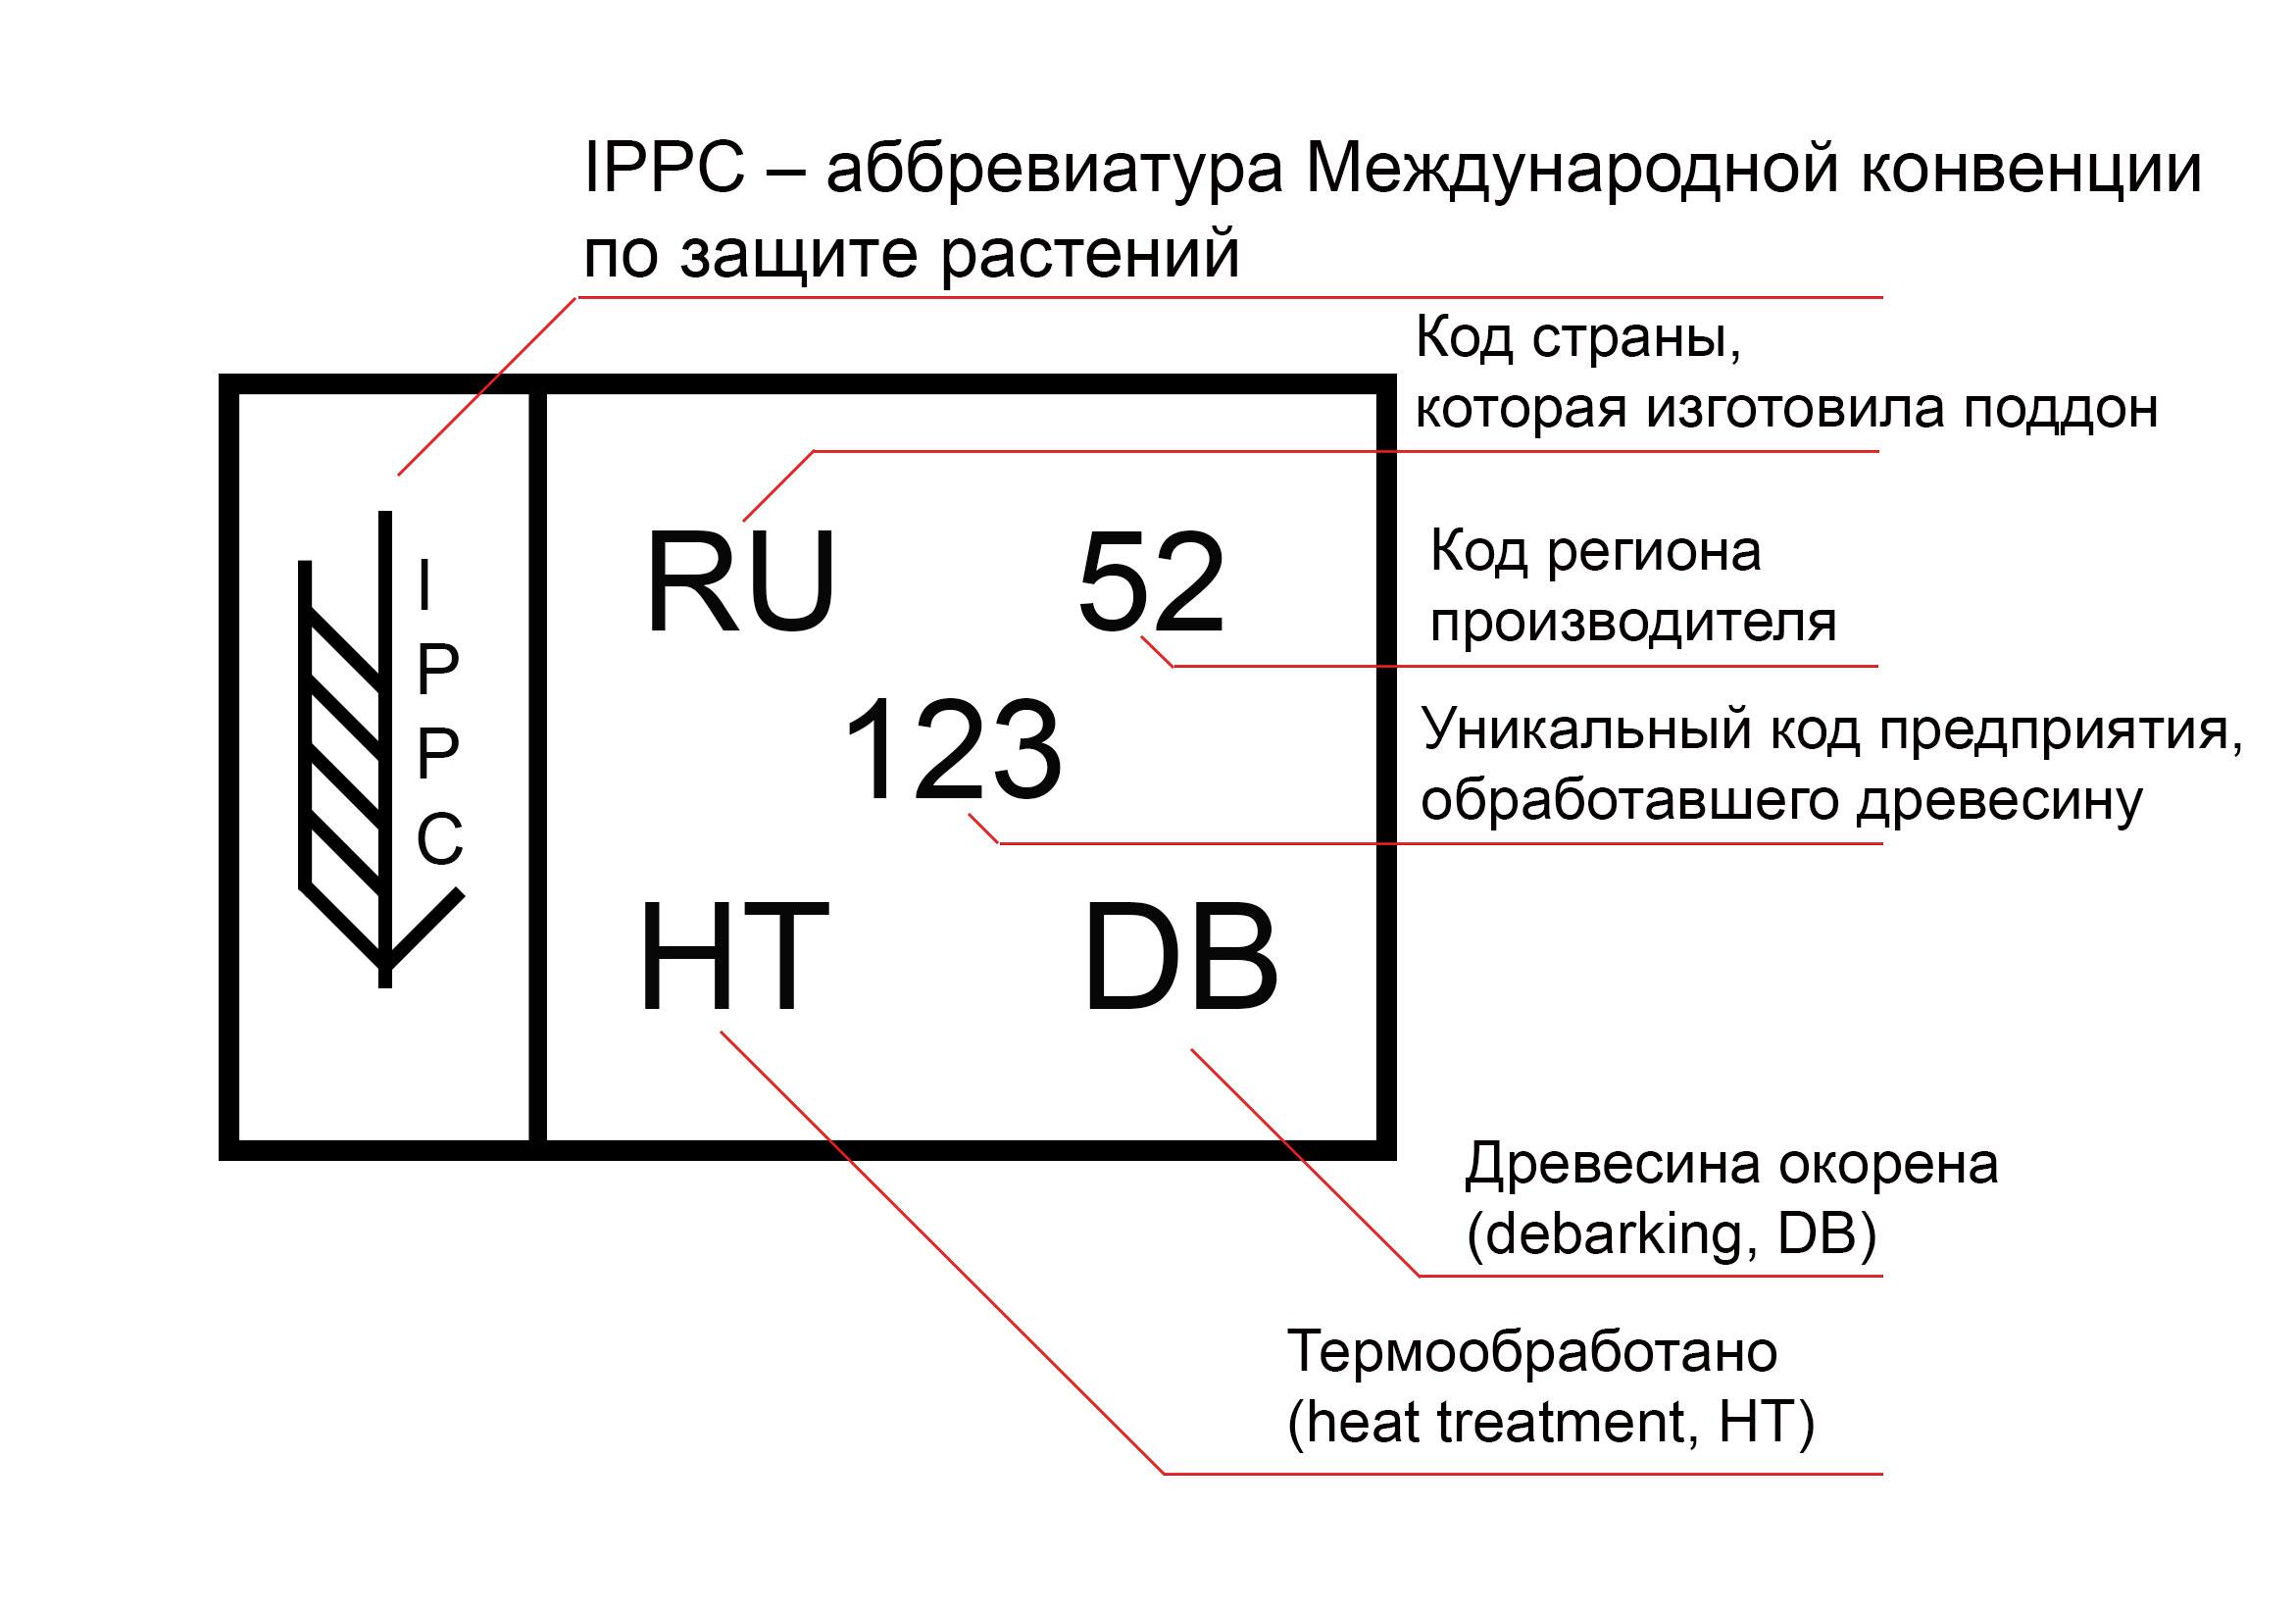 Фитосанитарное клеймо (IPPC, EPAL, EUR) - фото Фитосанитарное клеймо маркировка